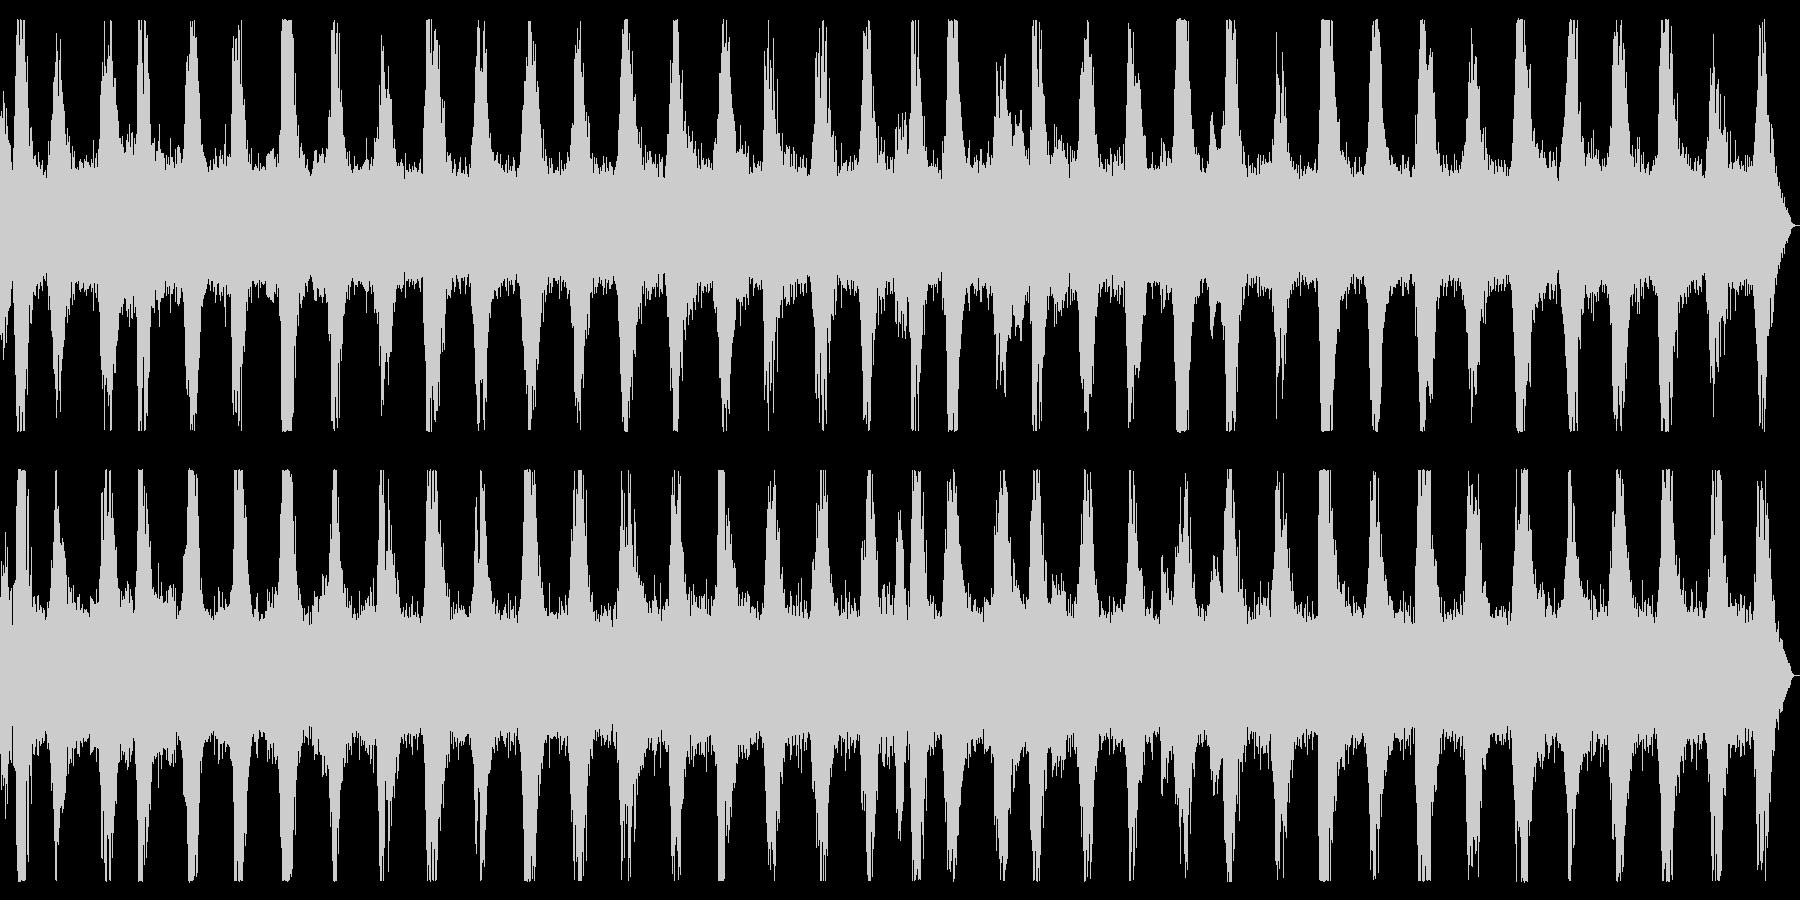 ダークアンビエント ホラーなノイズBGMの未再生の波形